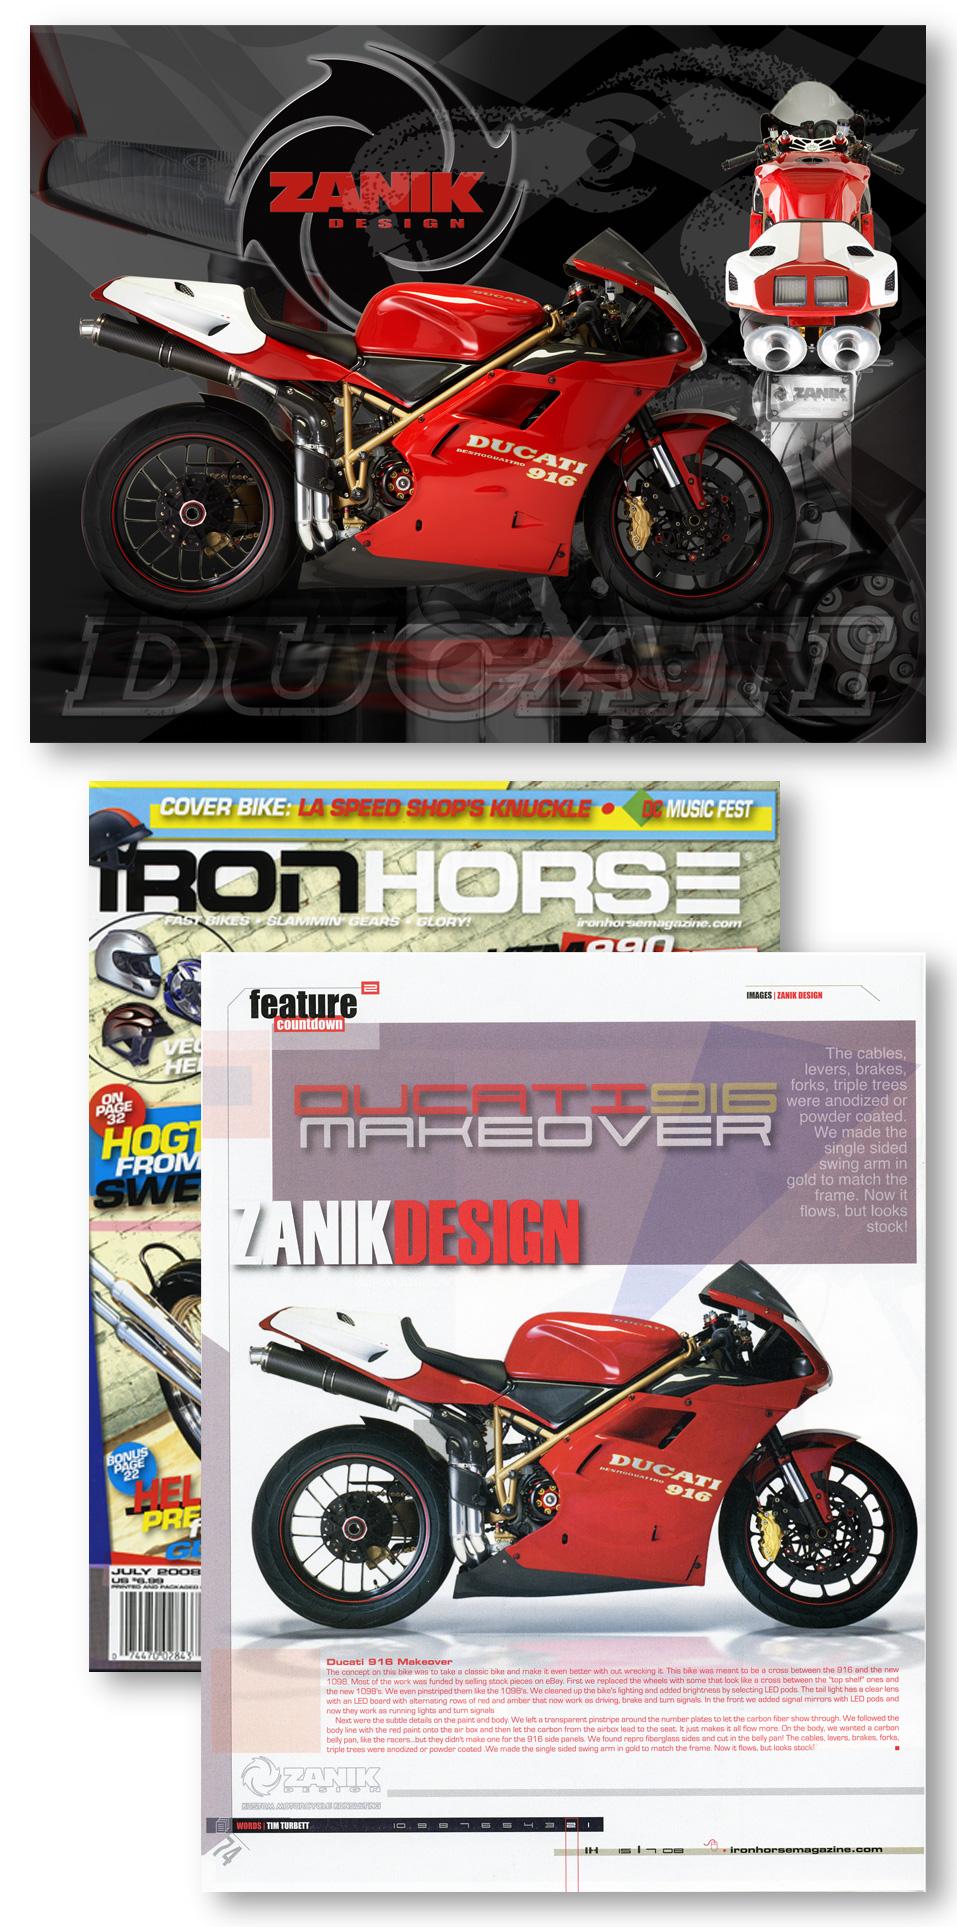 Ducati_3